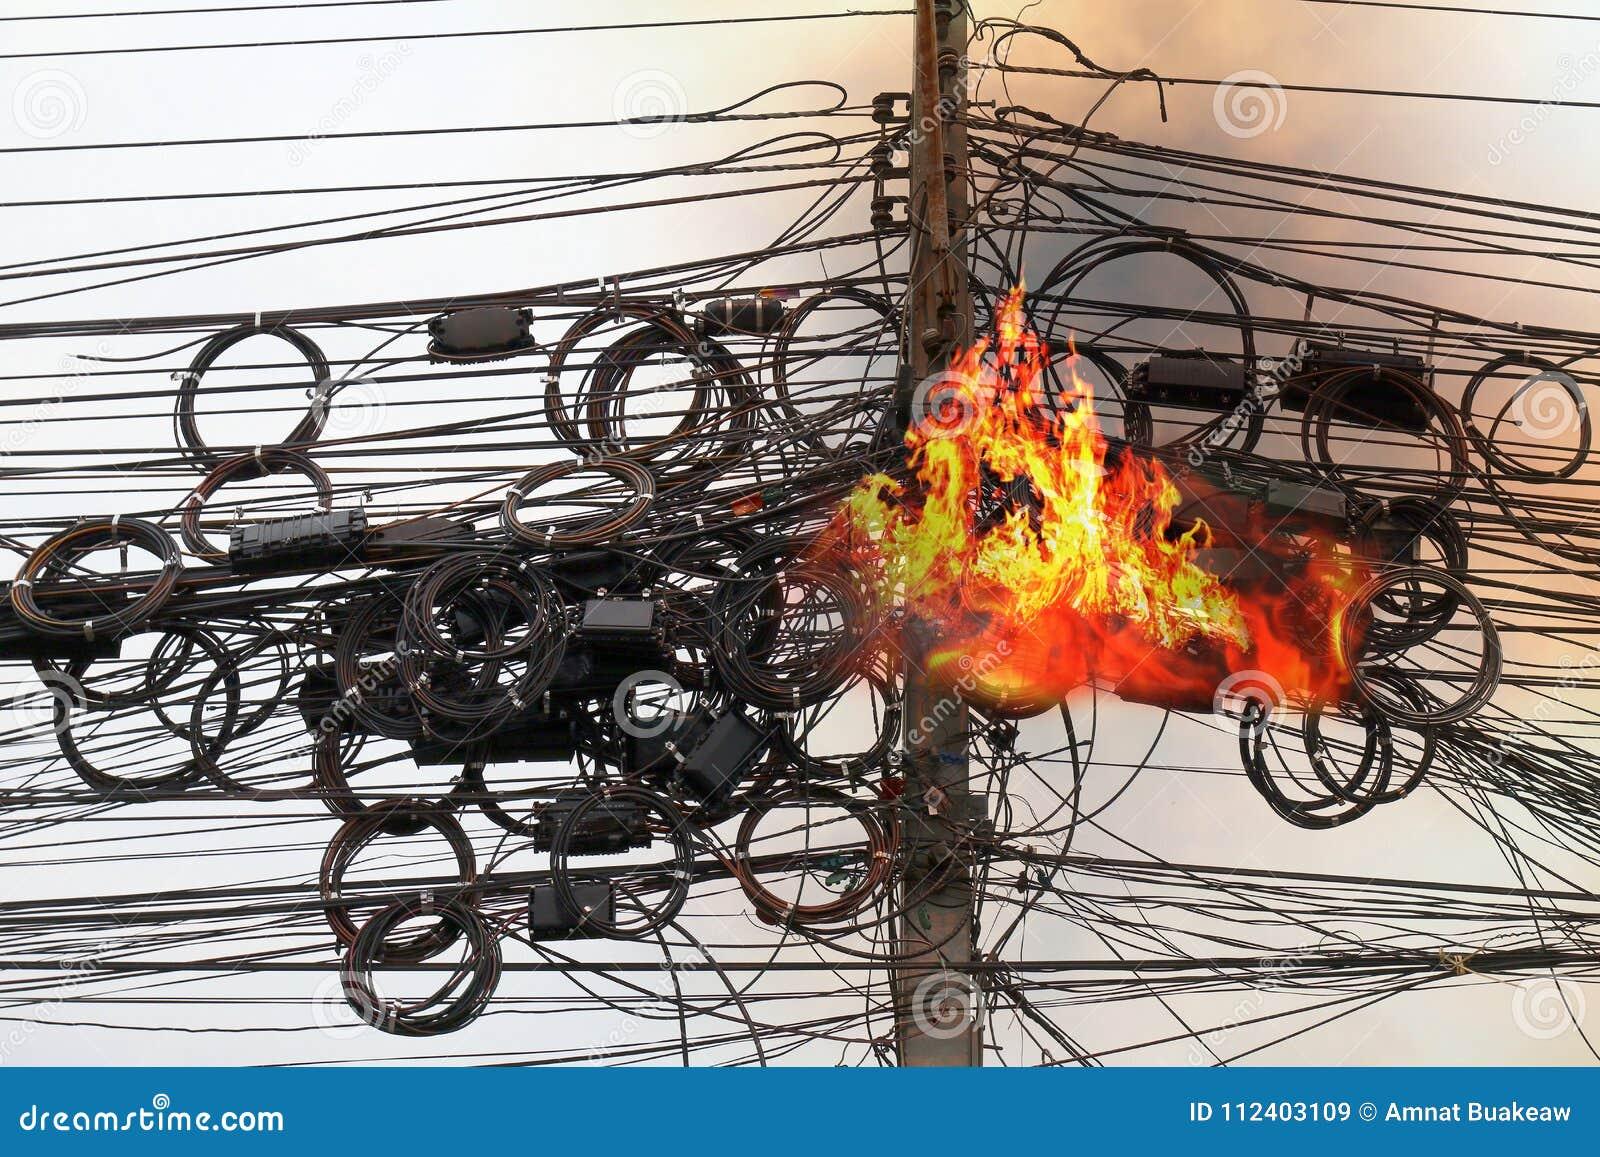 Feuern Sie brennende Hochspannungskabelenergie, elektrische Energie der Gefahrendrahtverwicklungsschnur ab